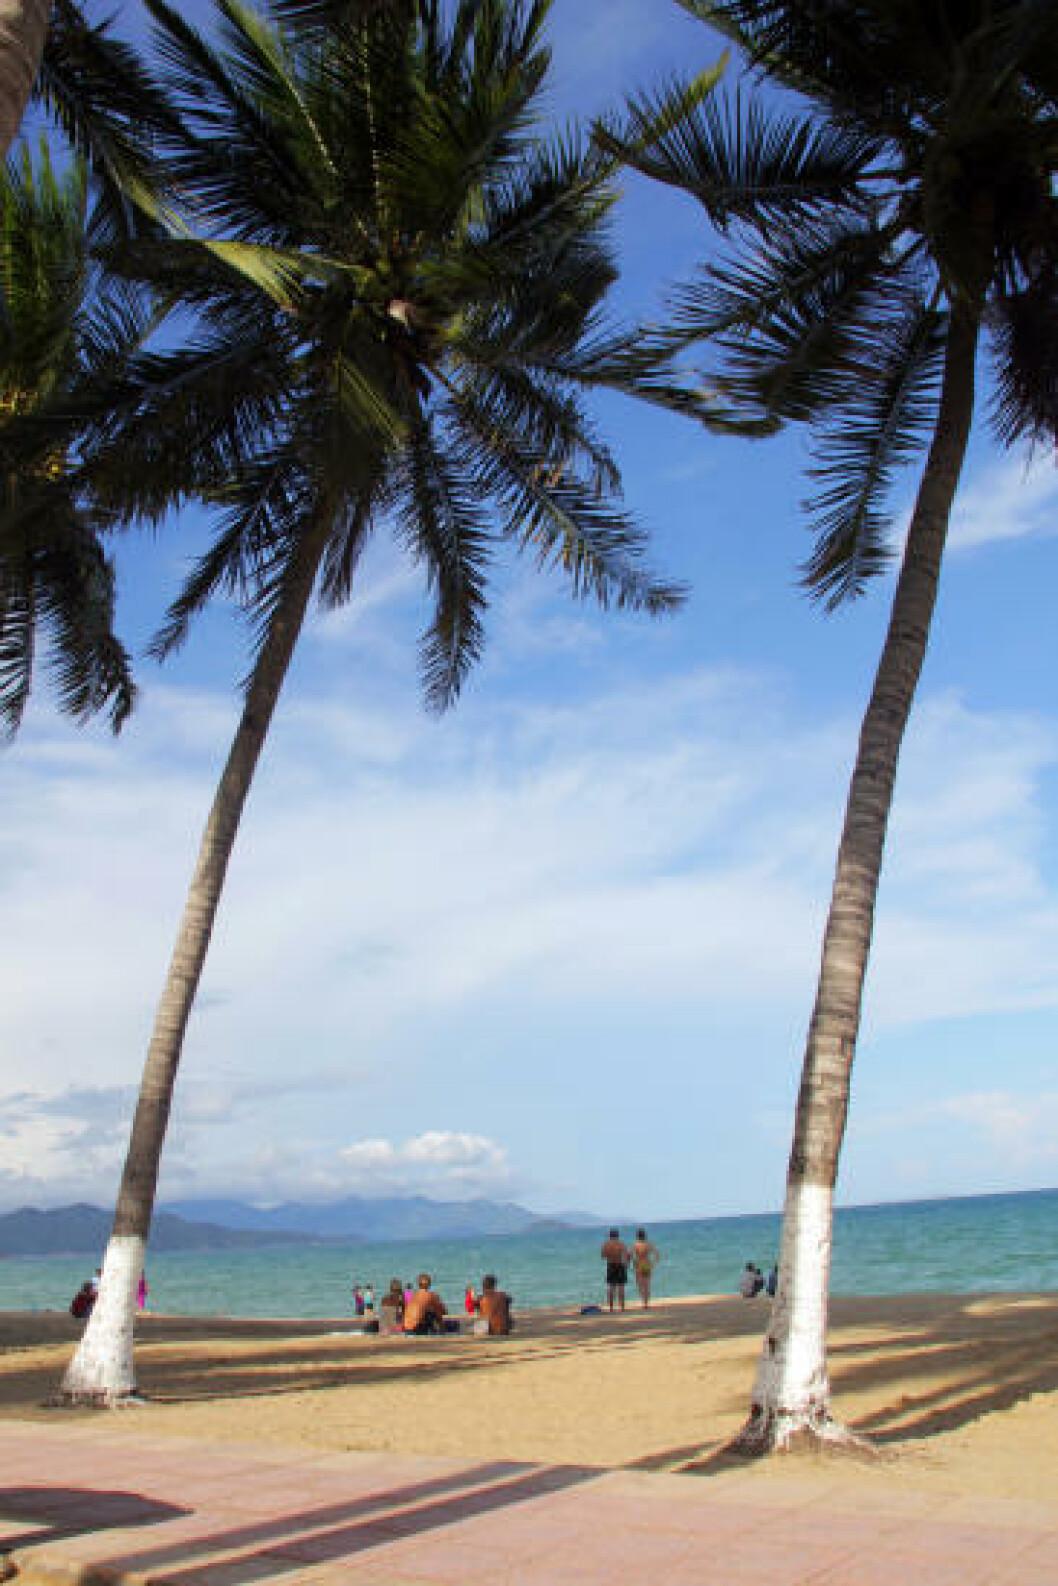 NHA TRANG: I badebyen Nha Trang er det påfallende mye som minner om Miami. Den sju kilometer lange sandstranda bader i solskinn, mens badeløver vaker i bølgene. Foto: RUNAR LARSEN